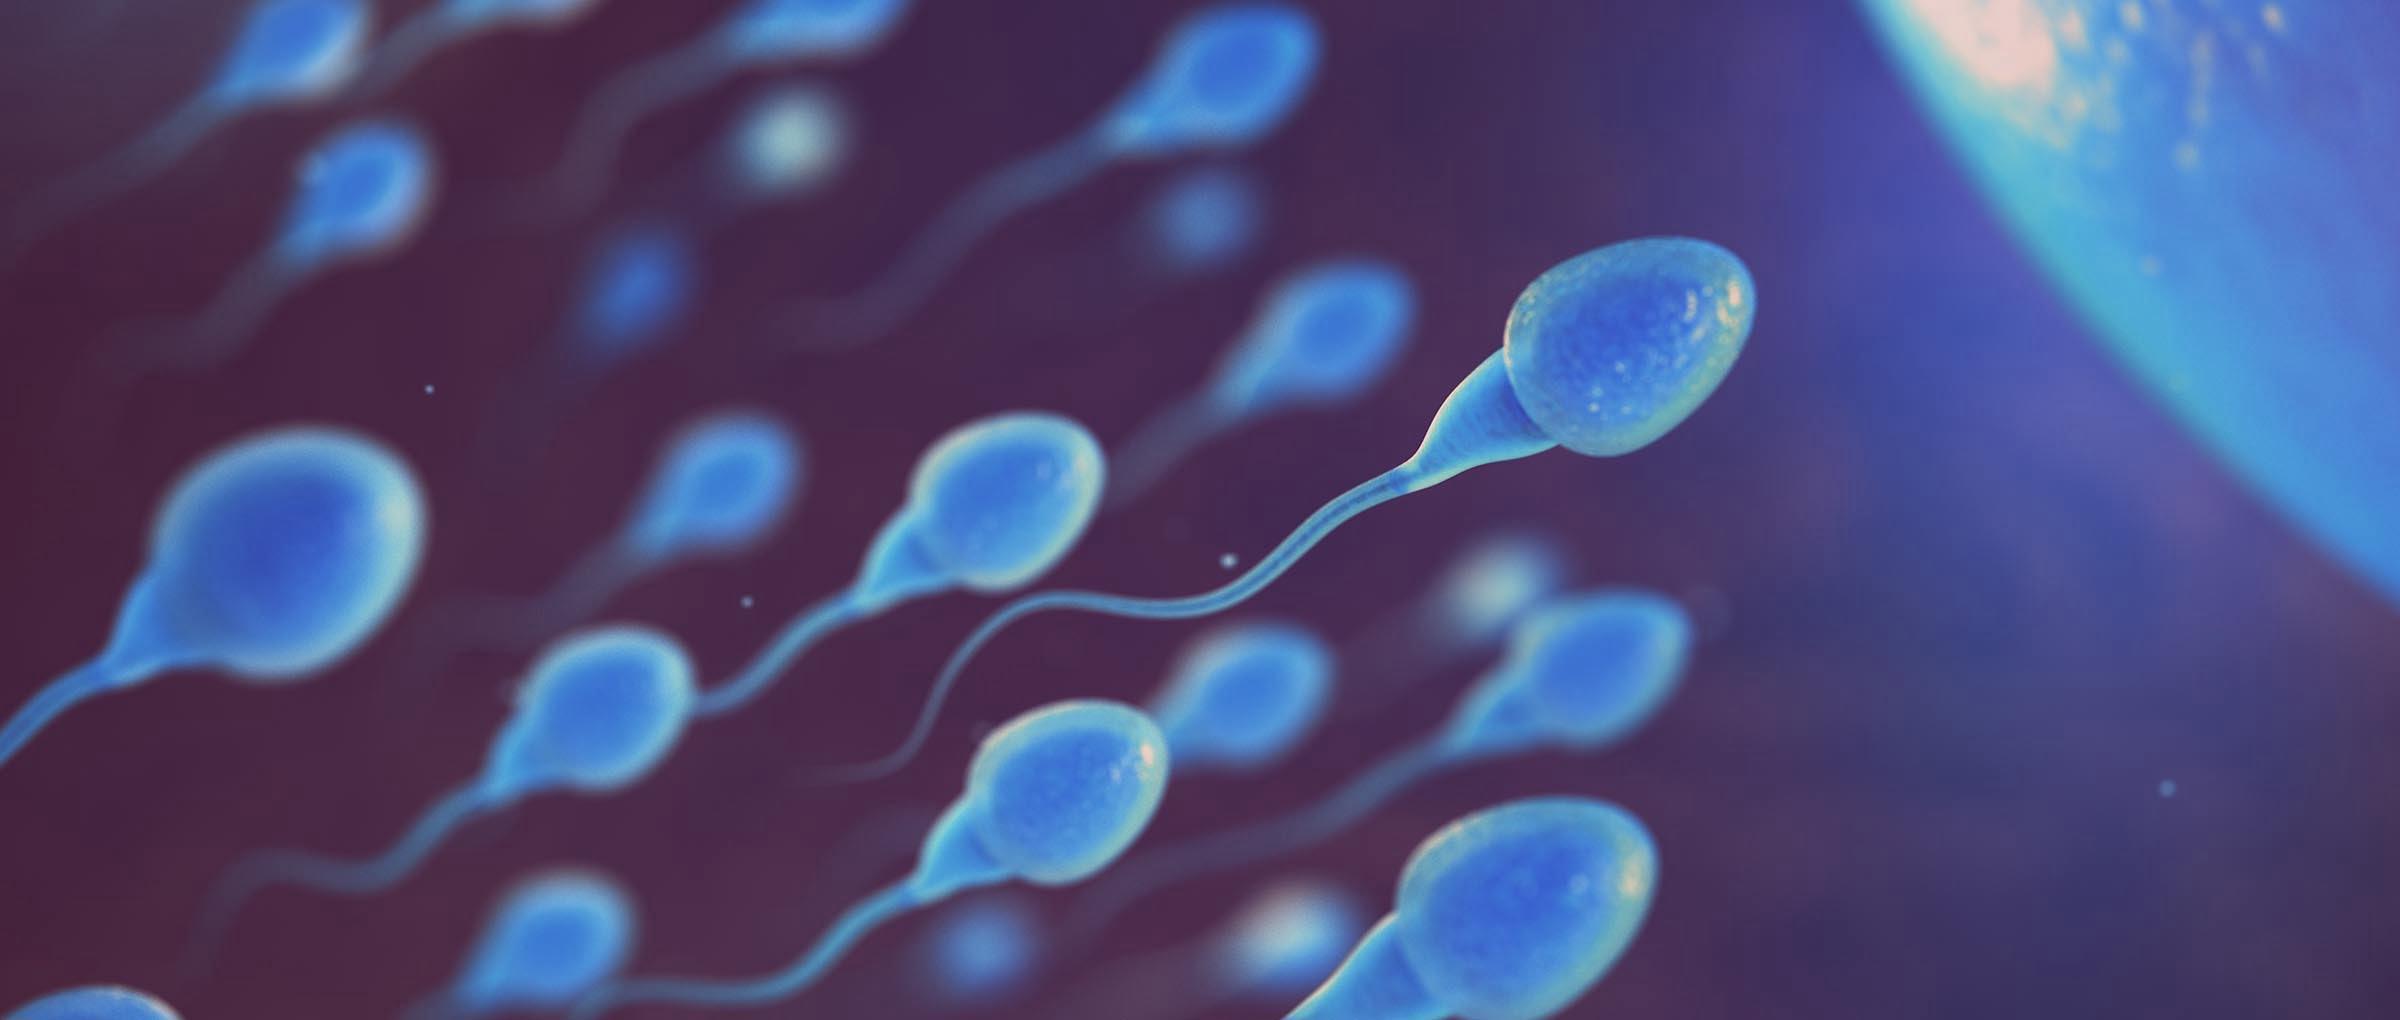 Un estudio analiza la relación del estrés oxidativo de los espermatozoides con las técnicas de reproducción IUI y ICSI.